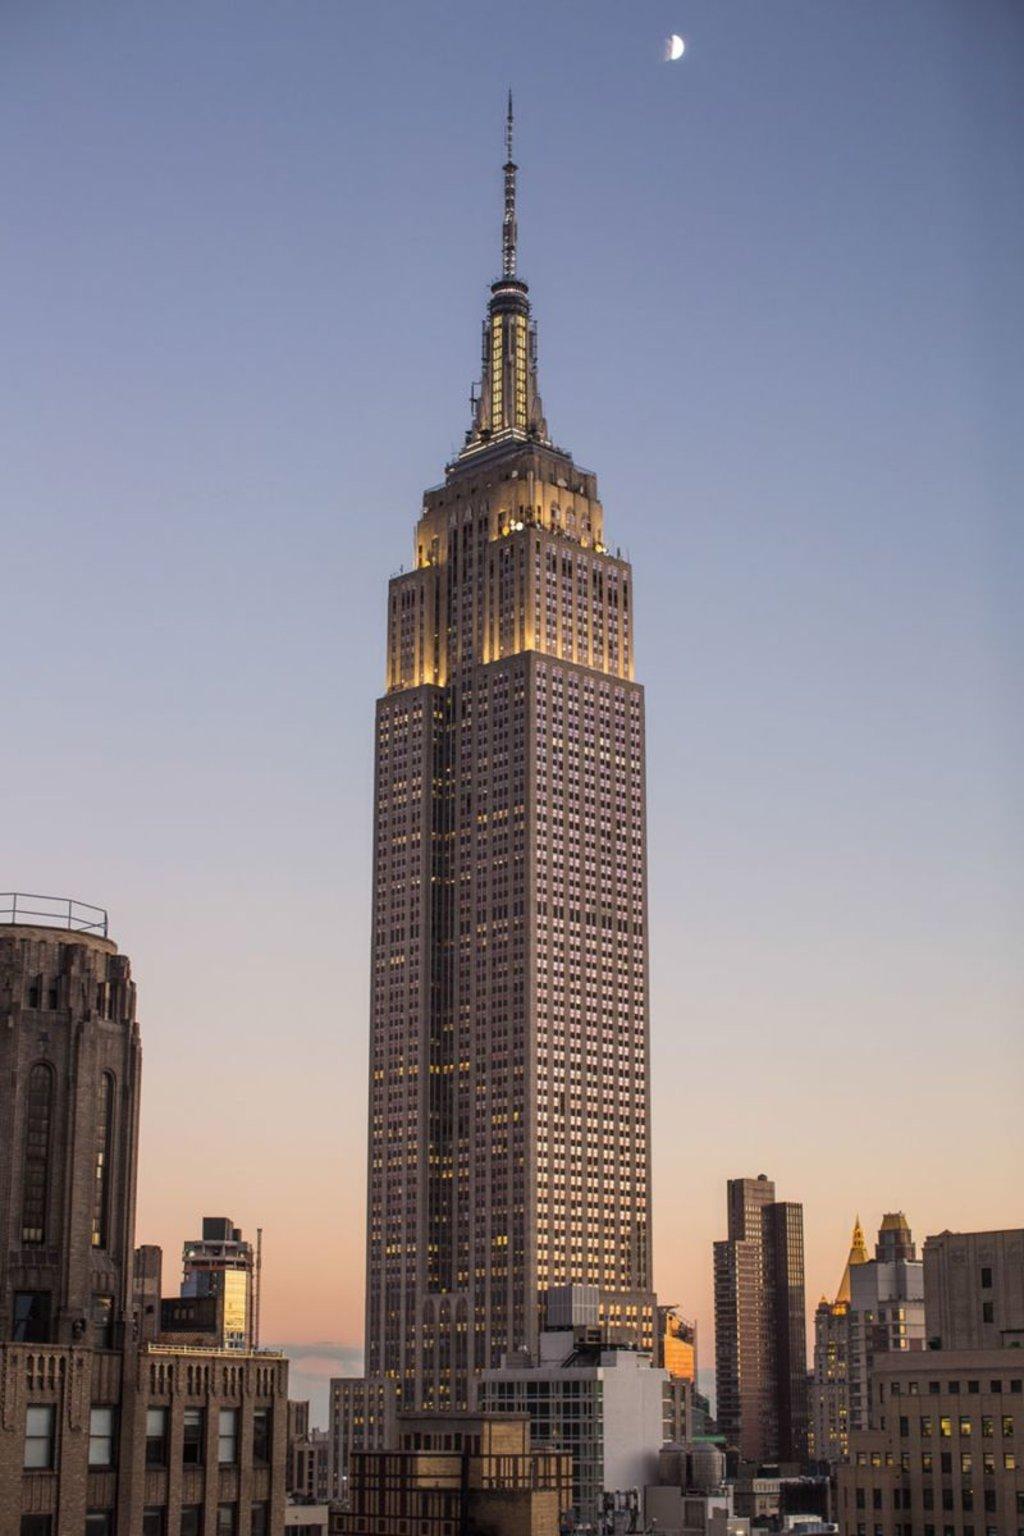 L'Empire State Building è il modo migliore per vedere la città dall'alto.